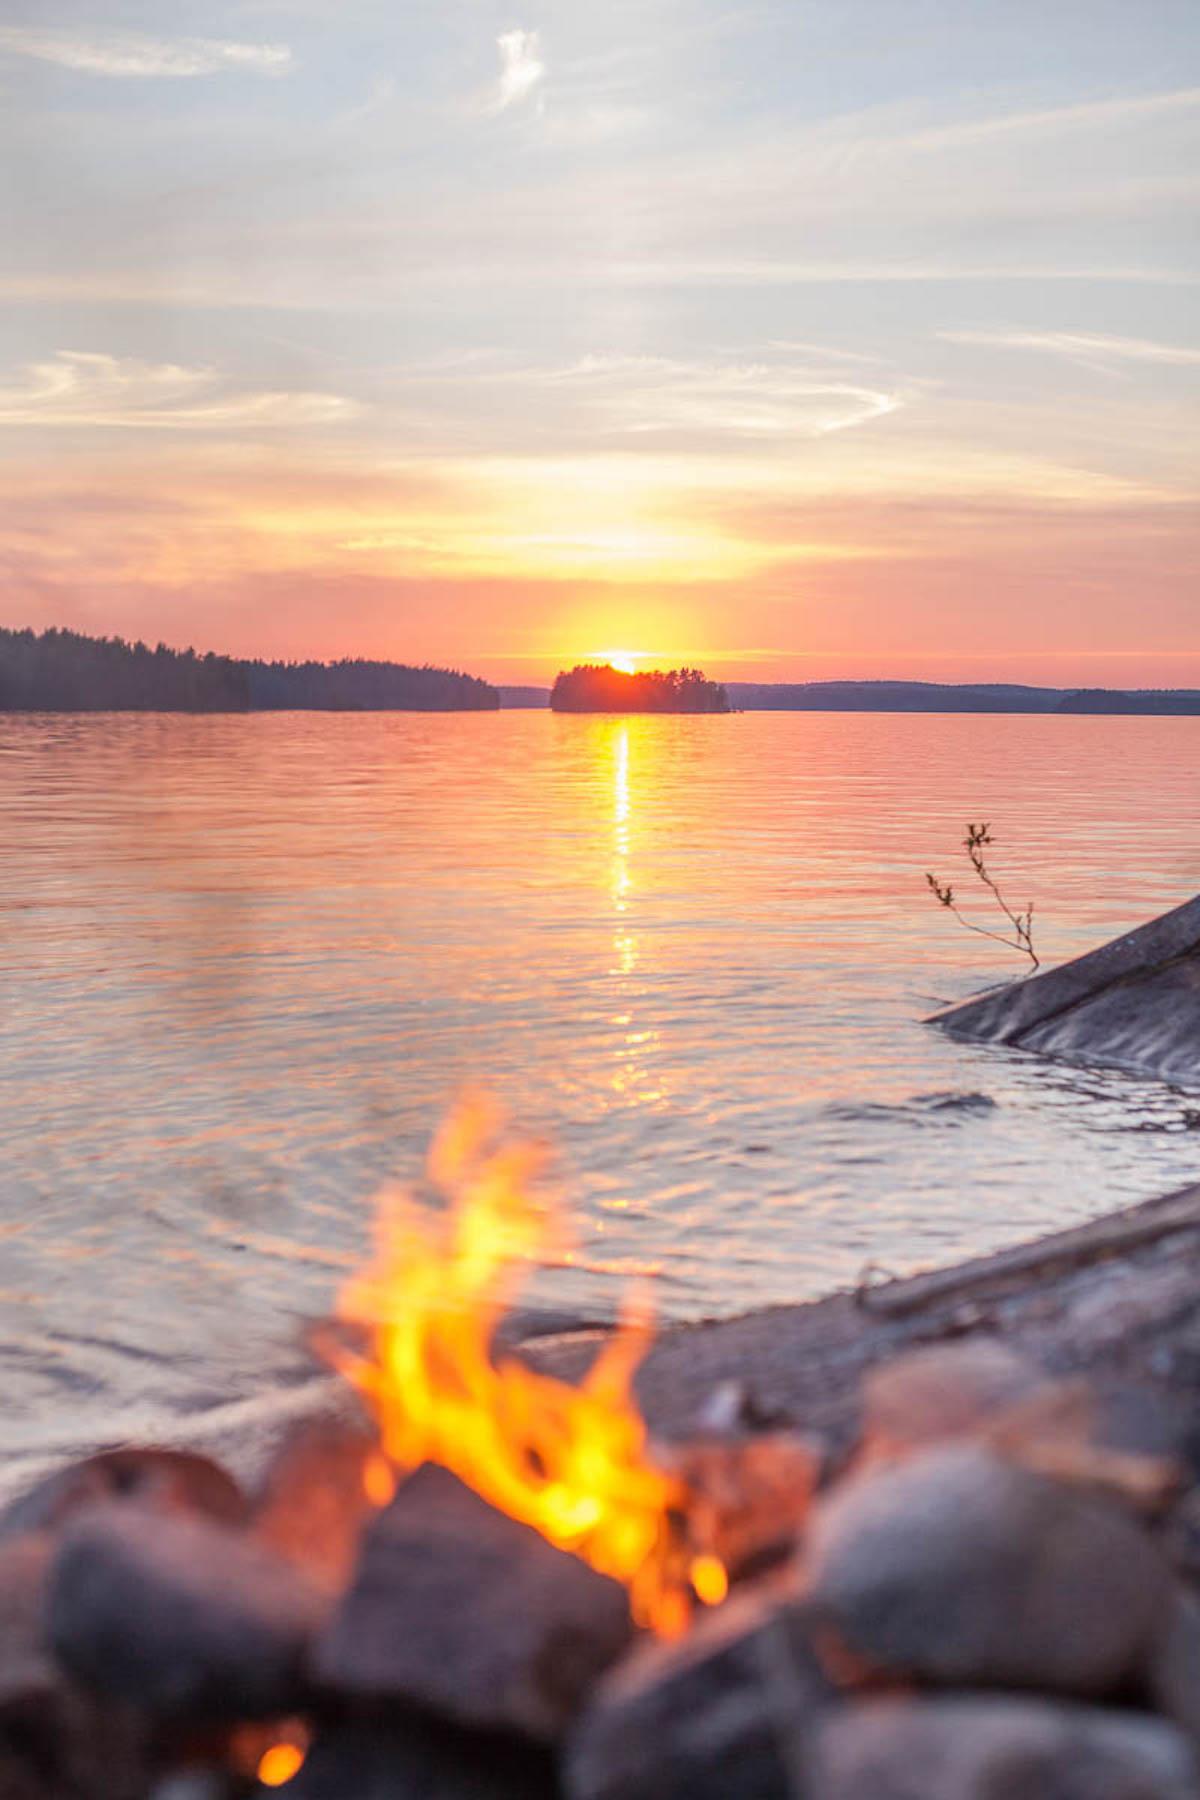 sunset-around-1am-in-Lapland-Nordic-Wisdom